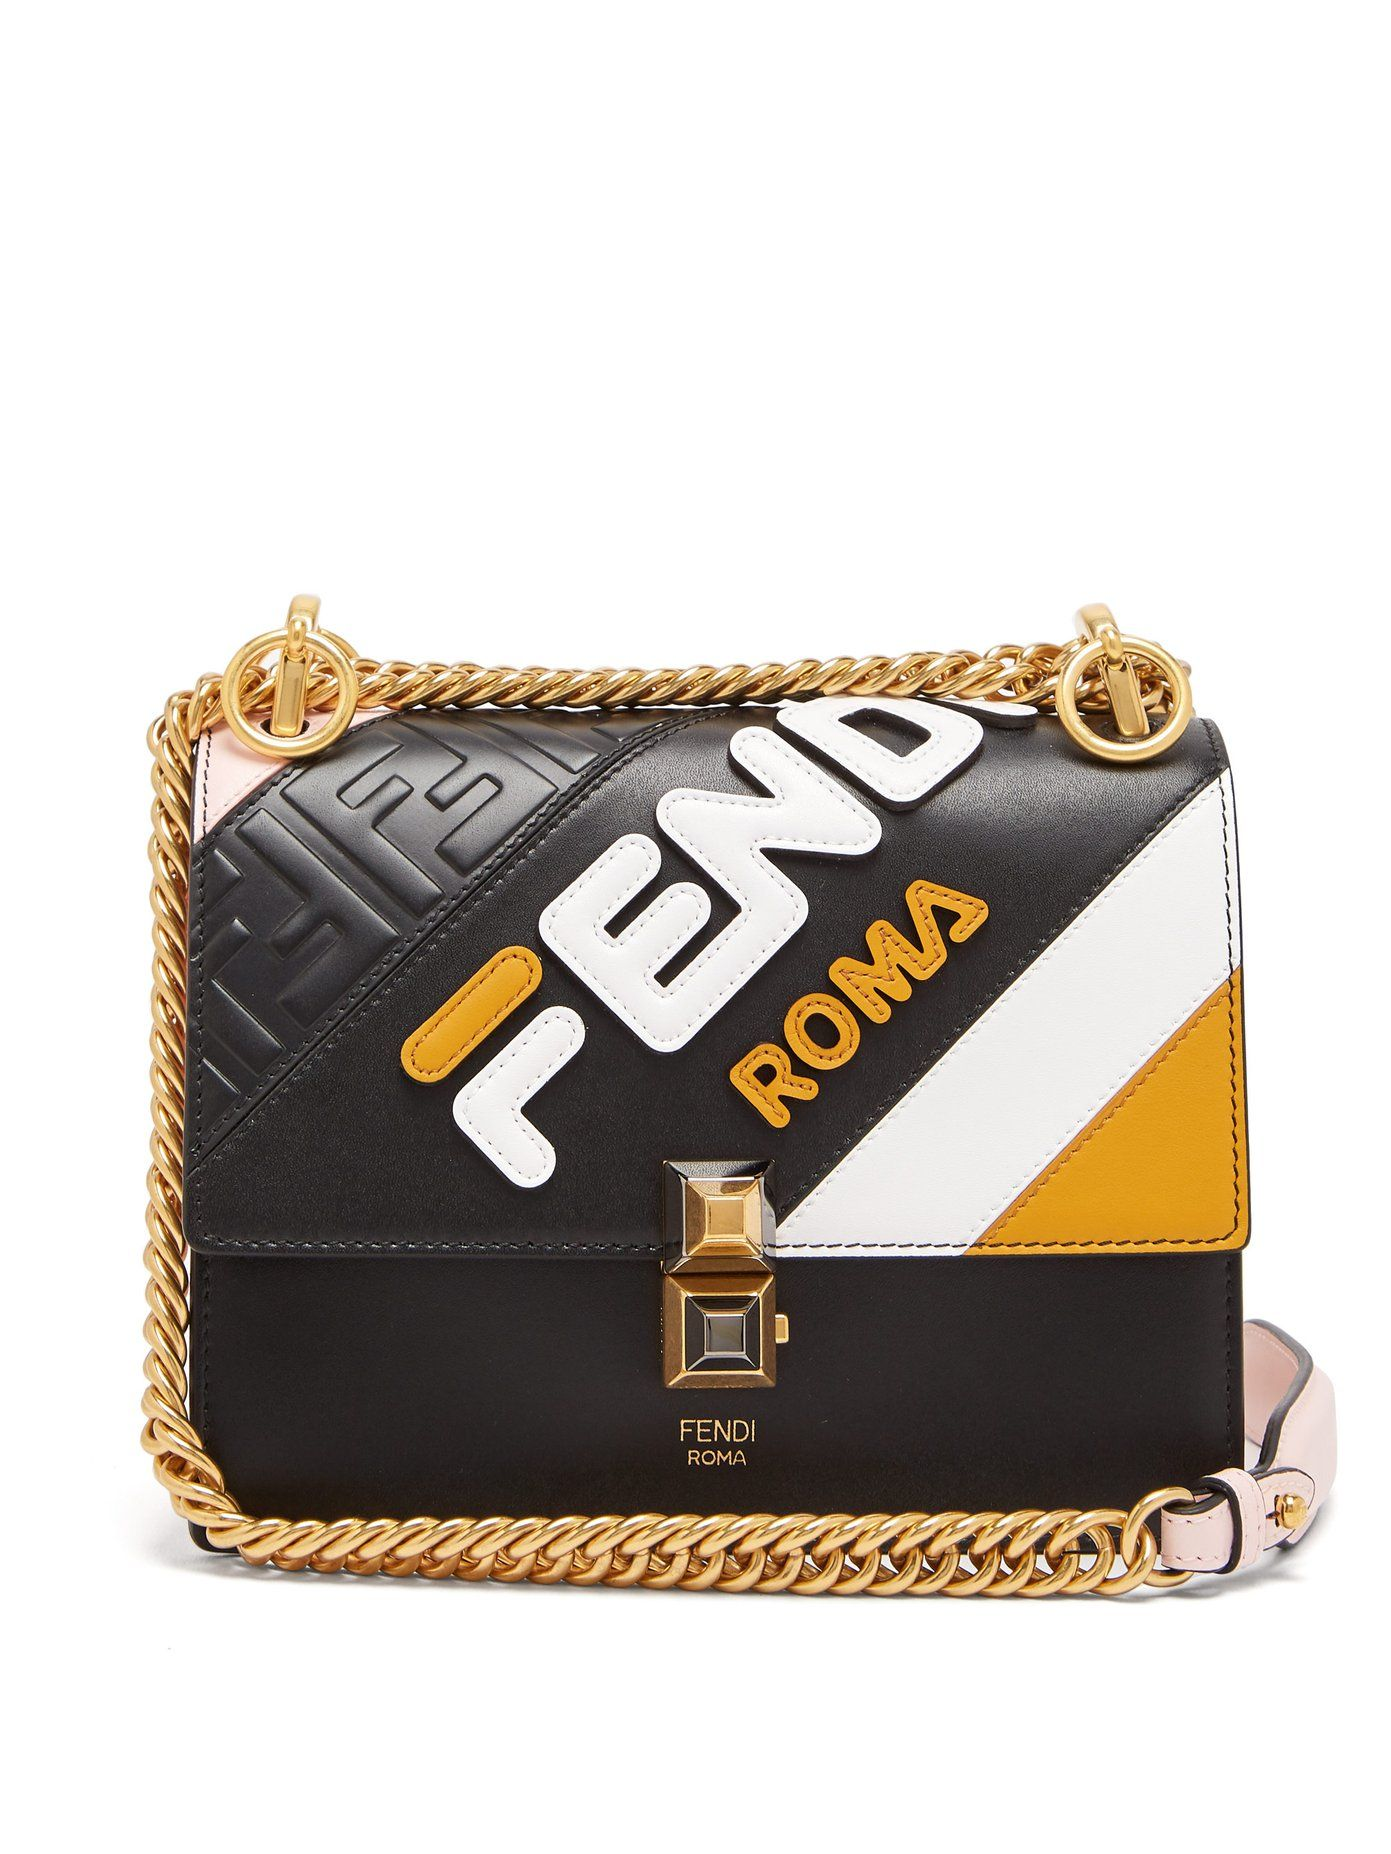 FENDI  149d713e6e7fa